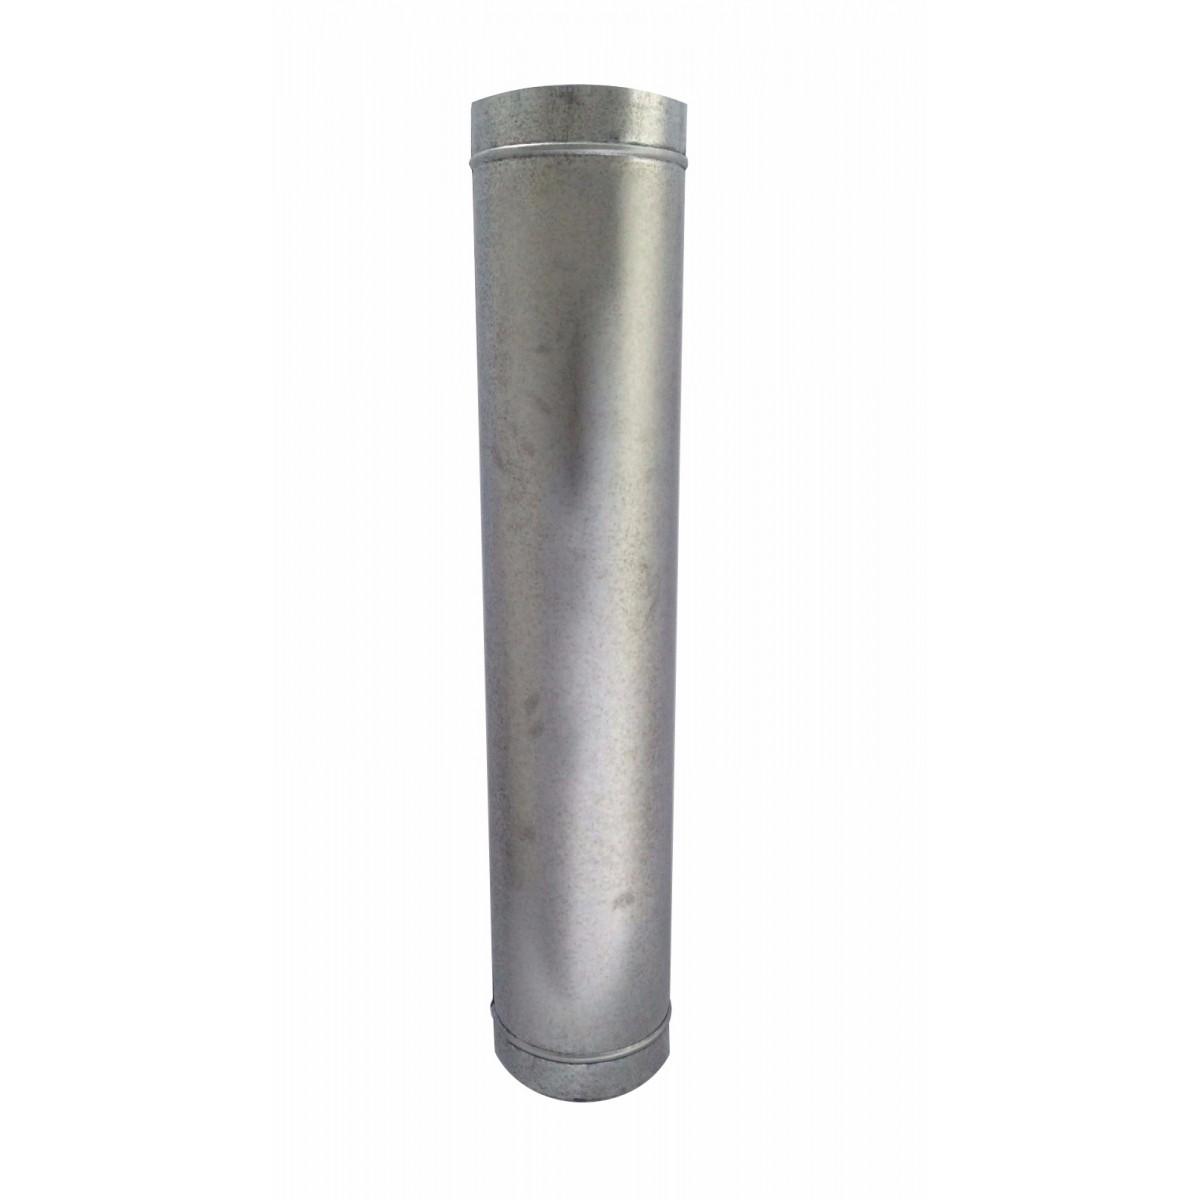 Duto galvanizado para chaminé de 30 cm de diâmetro  - Galvocalhas